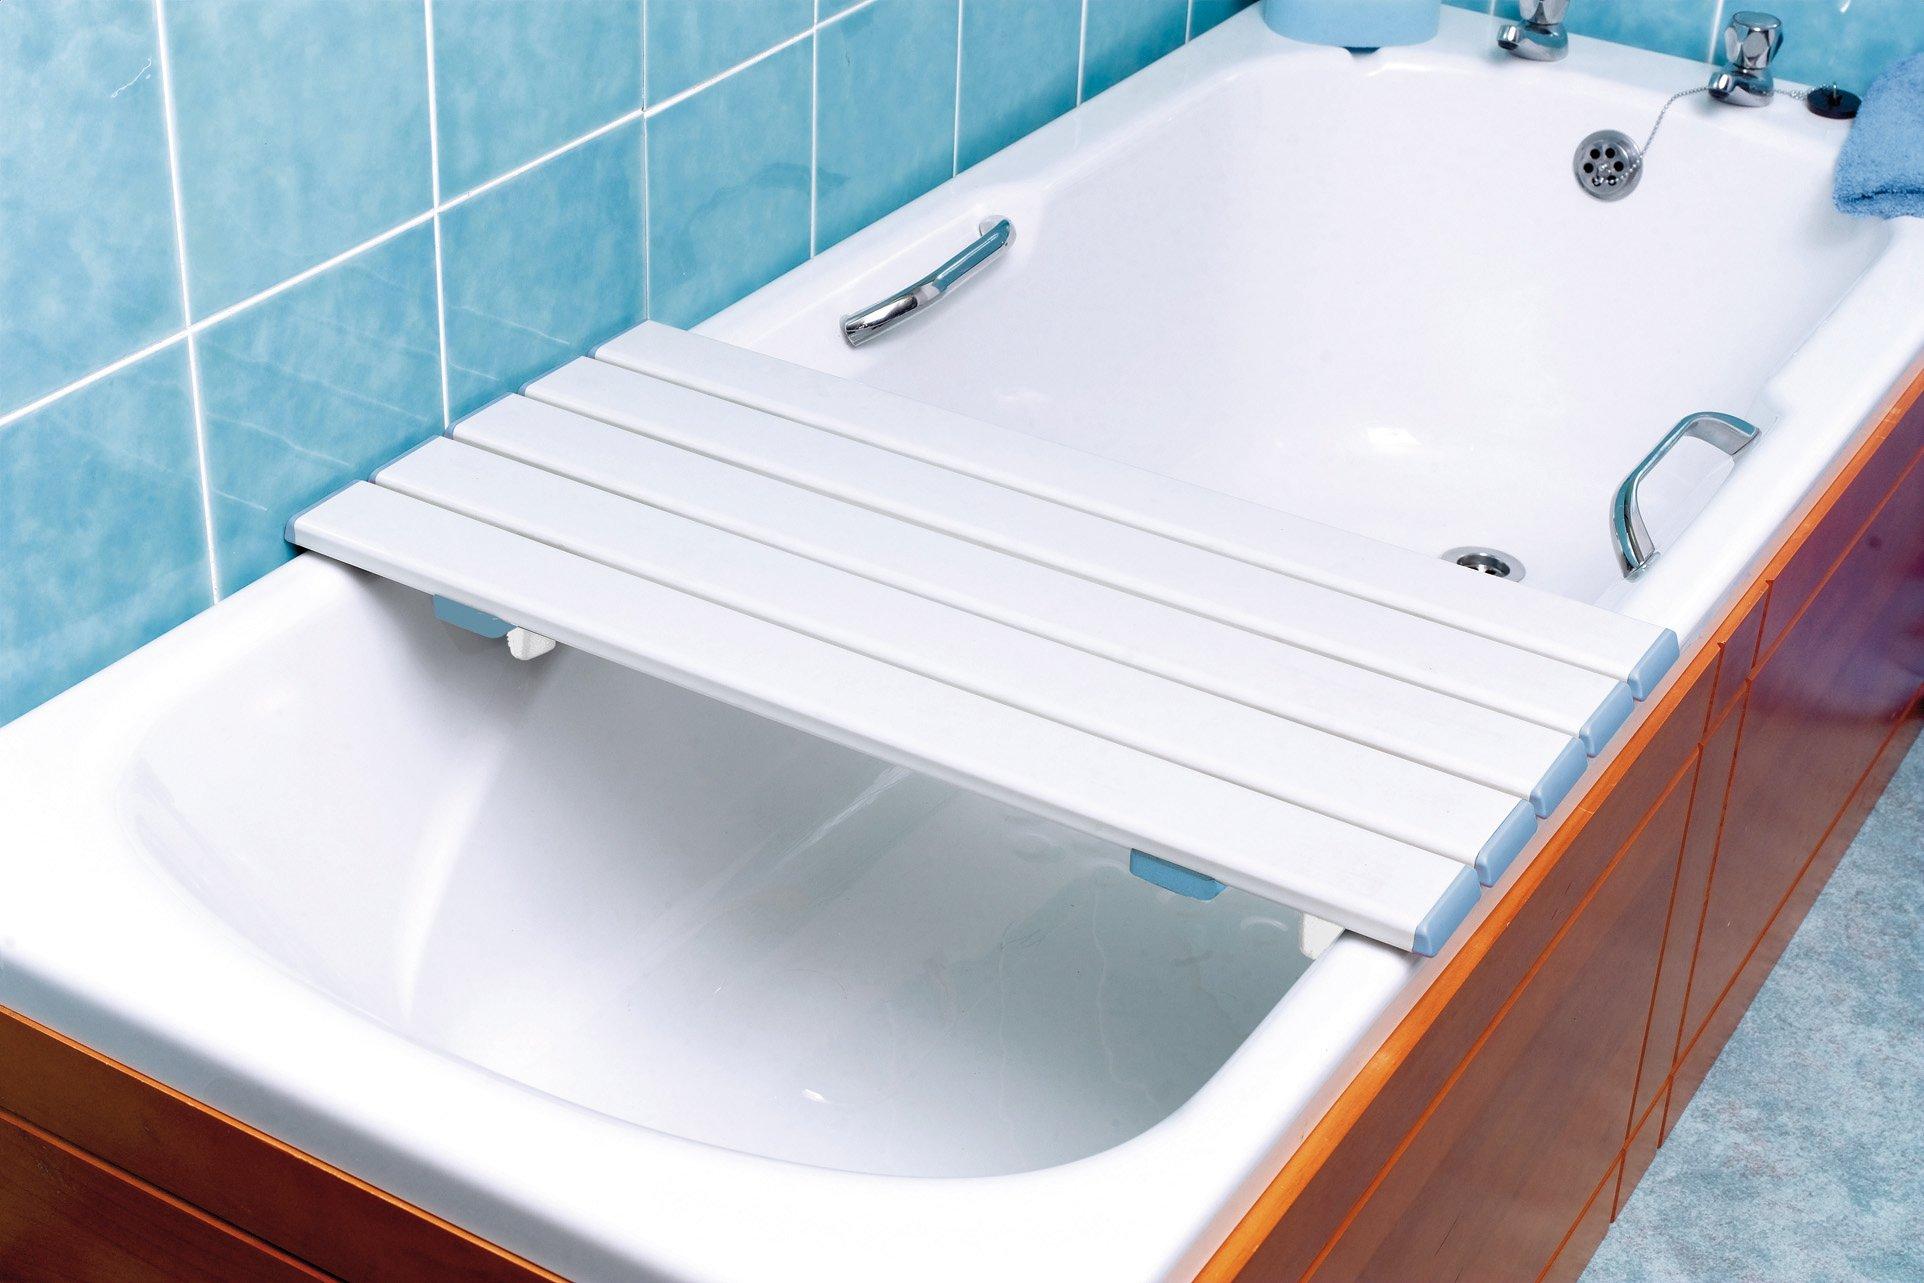 Mensola per vasca da bagno boiserie in ceramica per bagno - Supporto per vasca da bagno ...